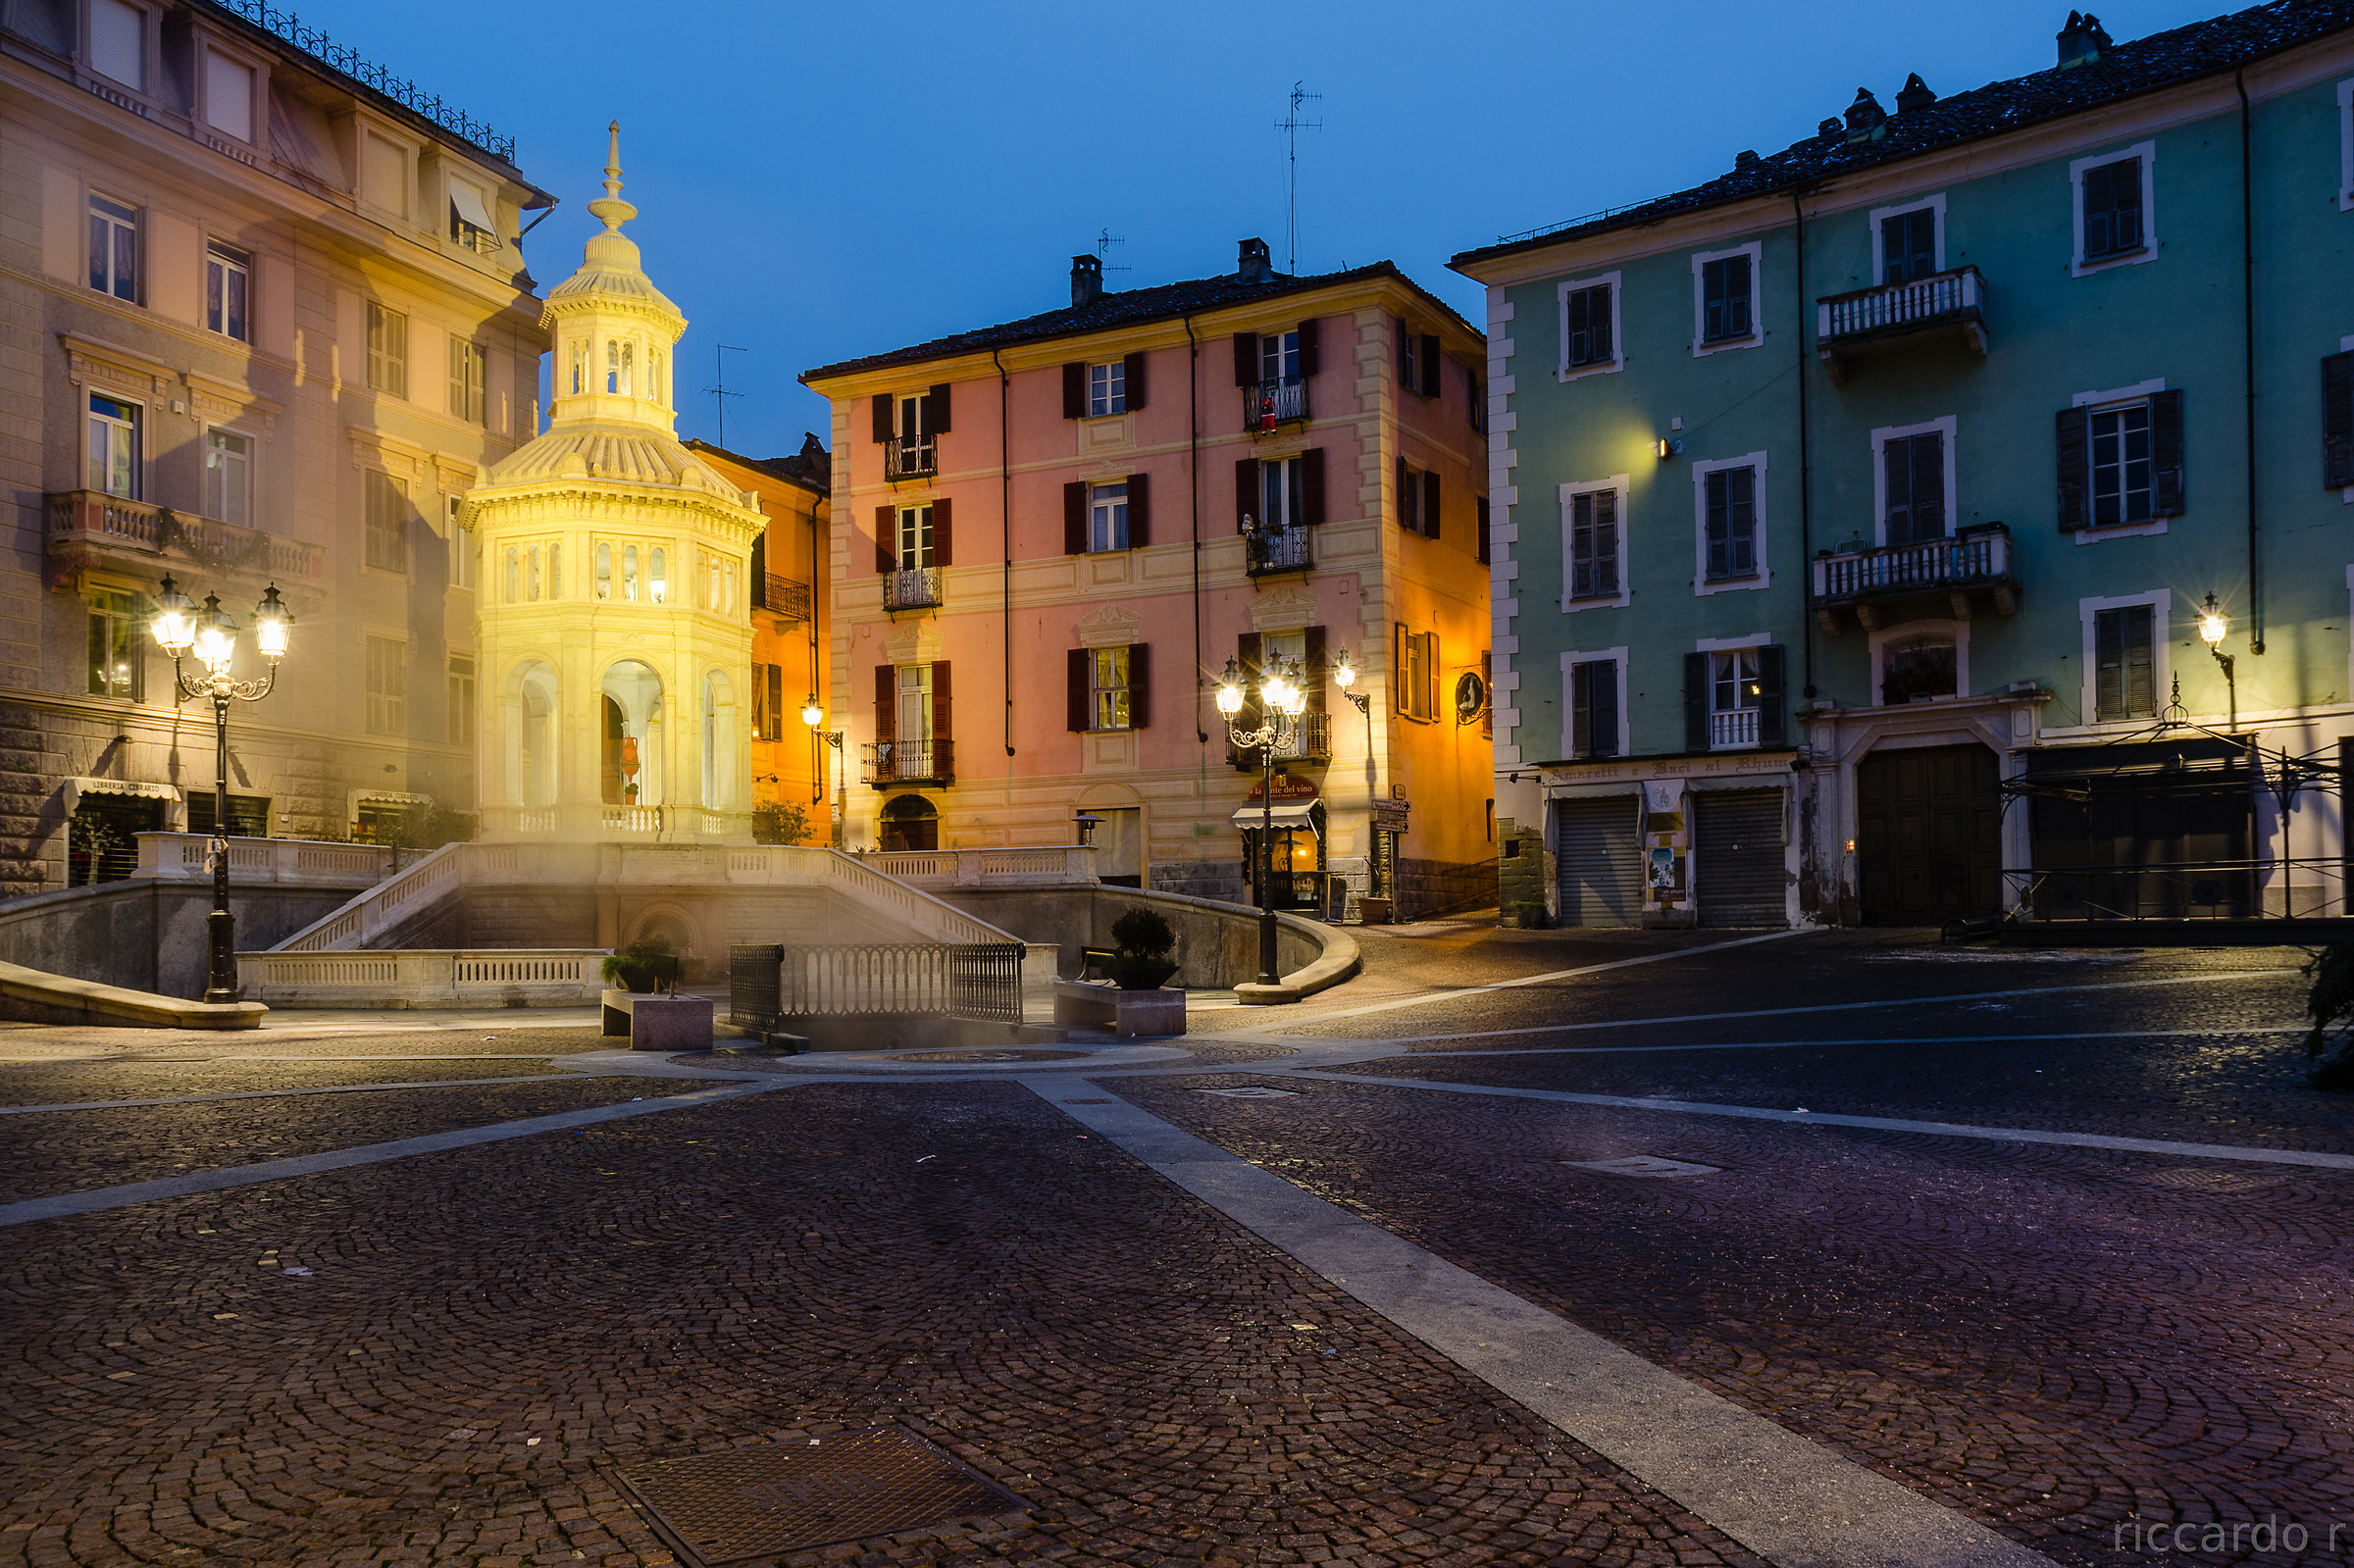 Piazza della bollente, Acqui Terme...